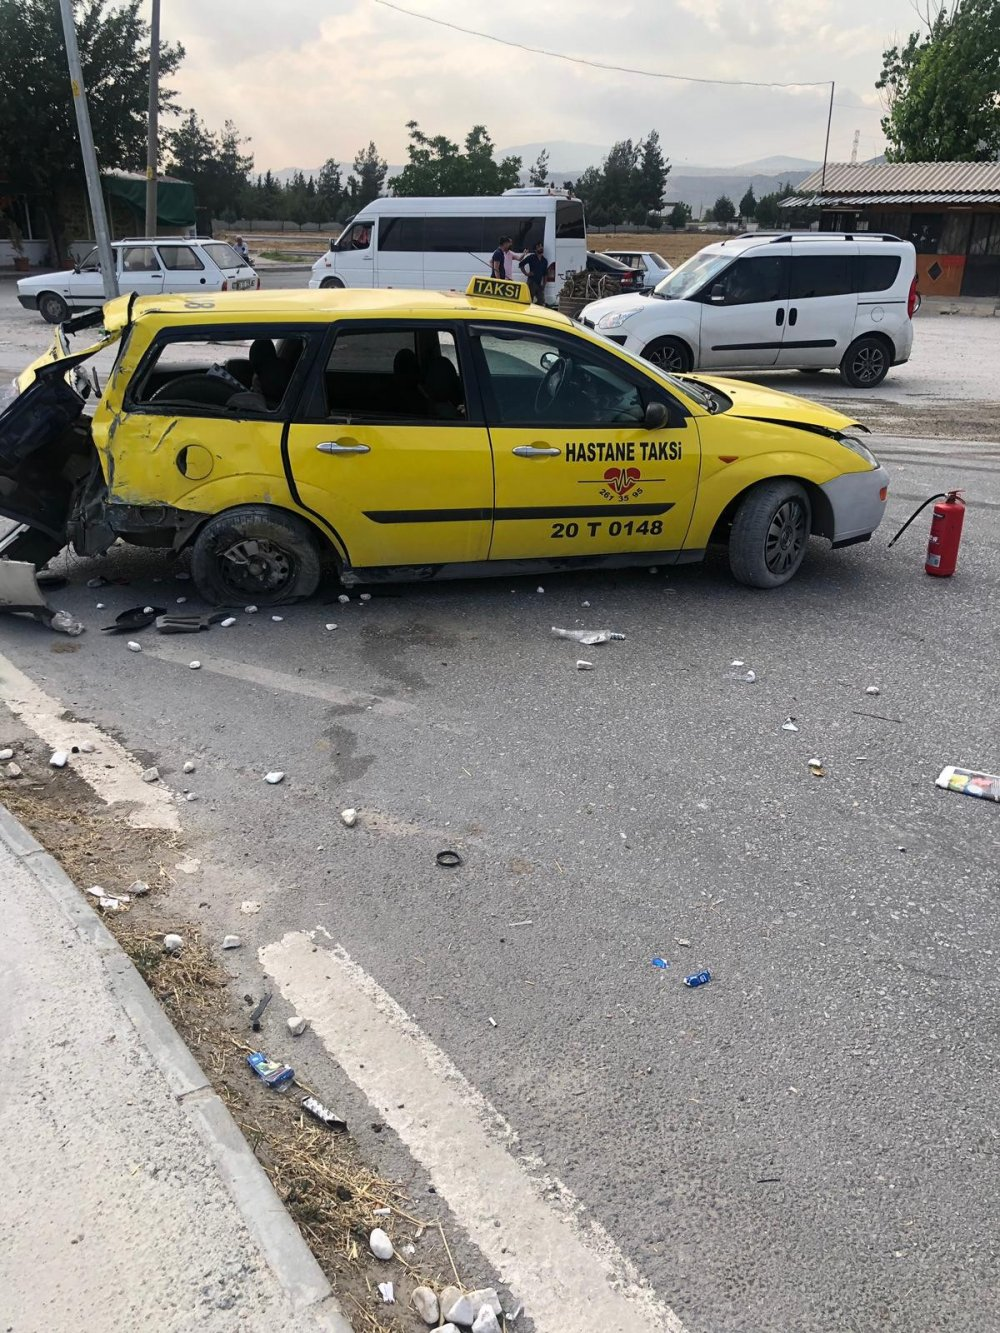 Kontrolden Cikan Tir Taksiye Carpti 5 Yarali Yuz Haber